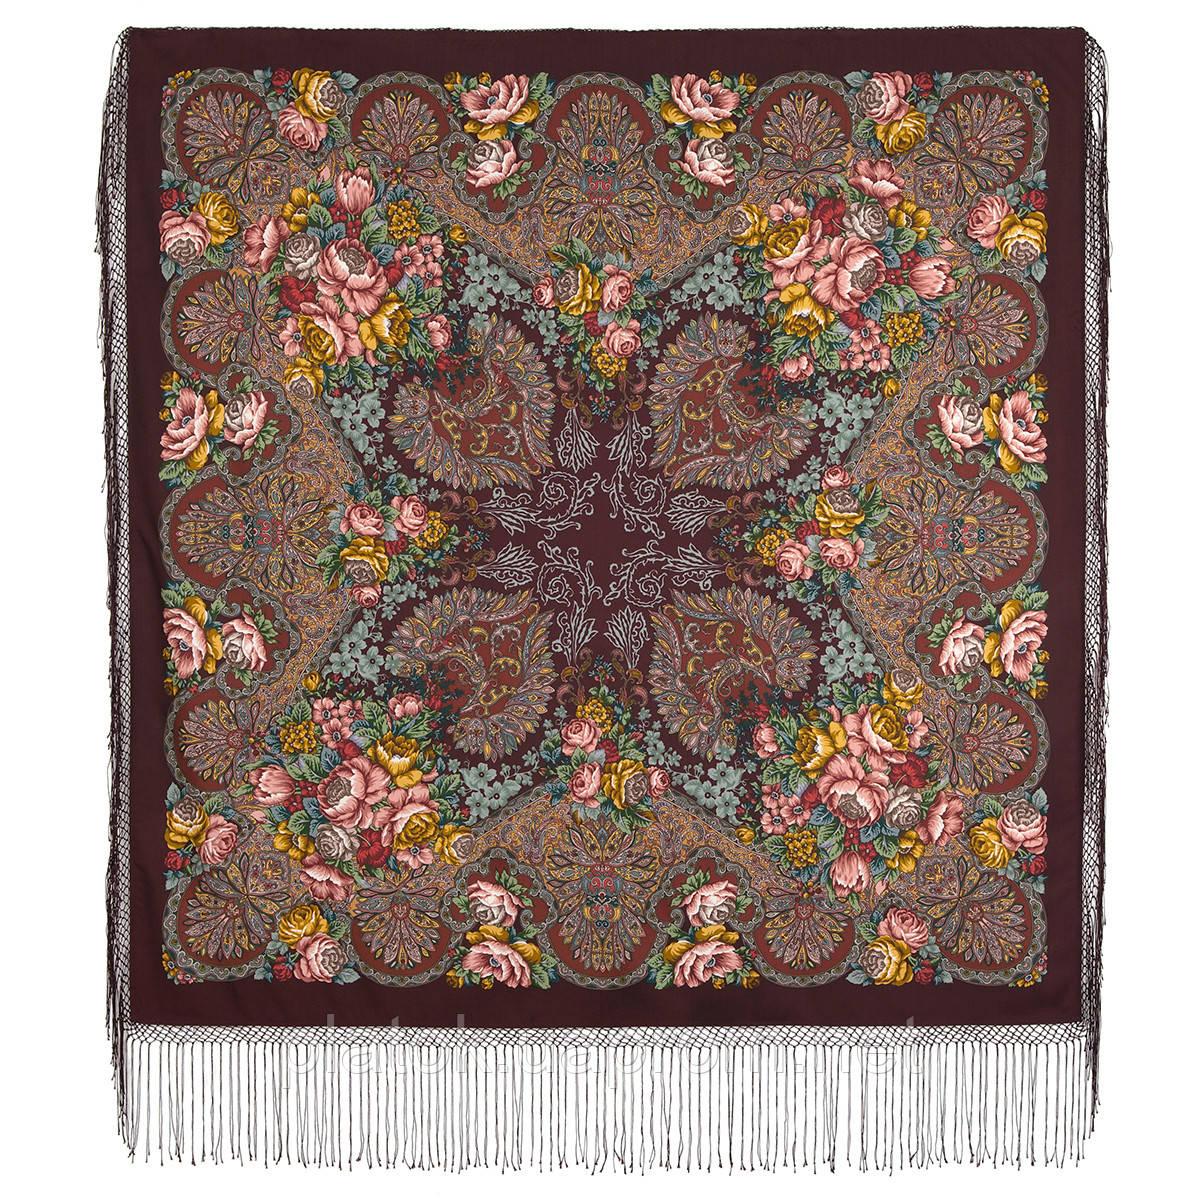 Старый замок 947-17, павлопосадский платок (шаль) из уплотненной шерсти с шелковой вязанной бахромой